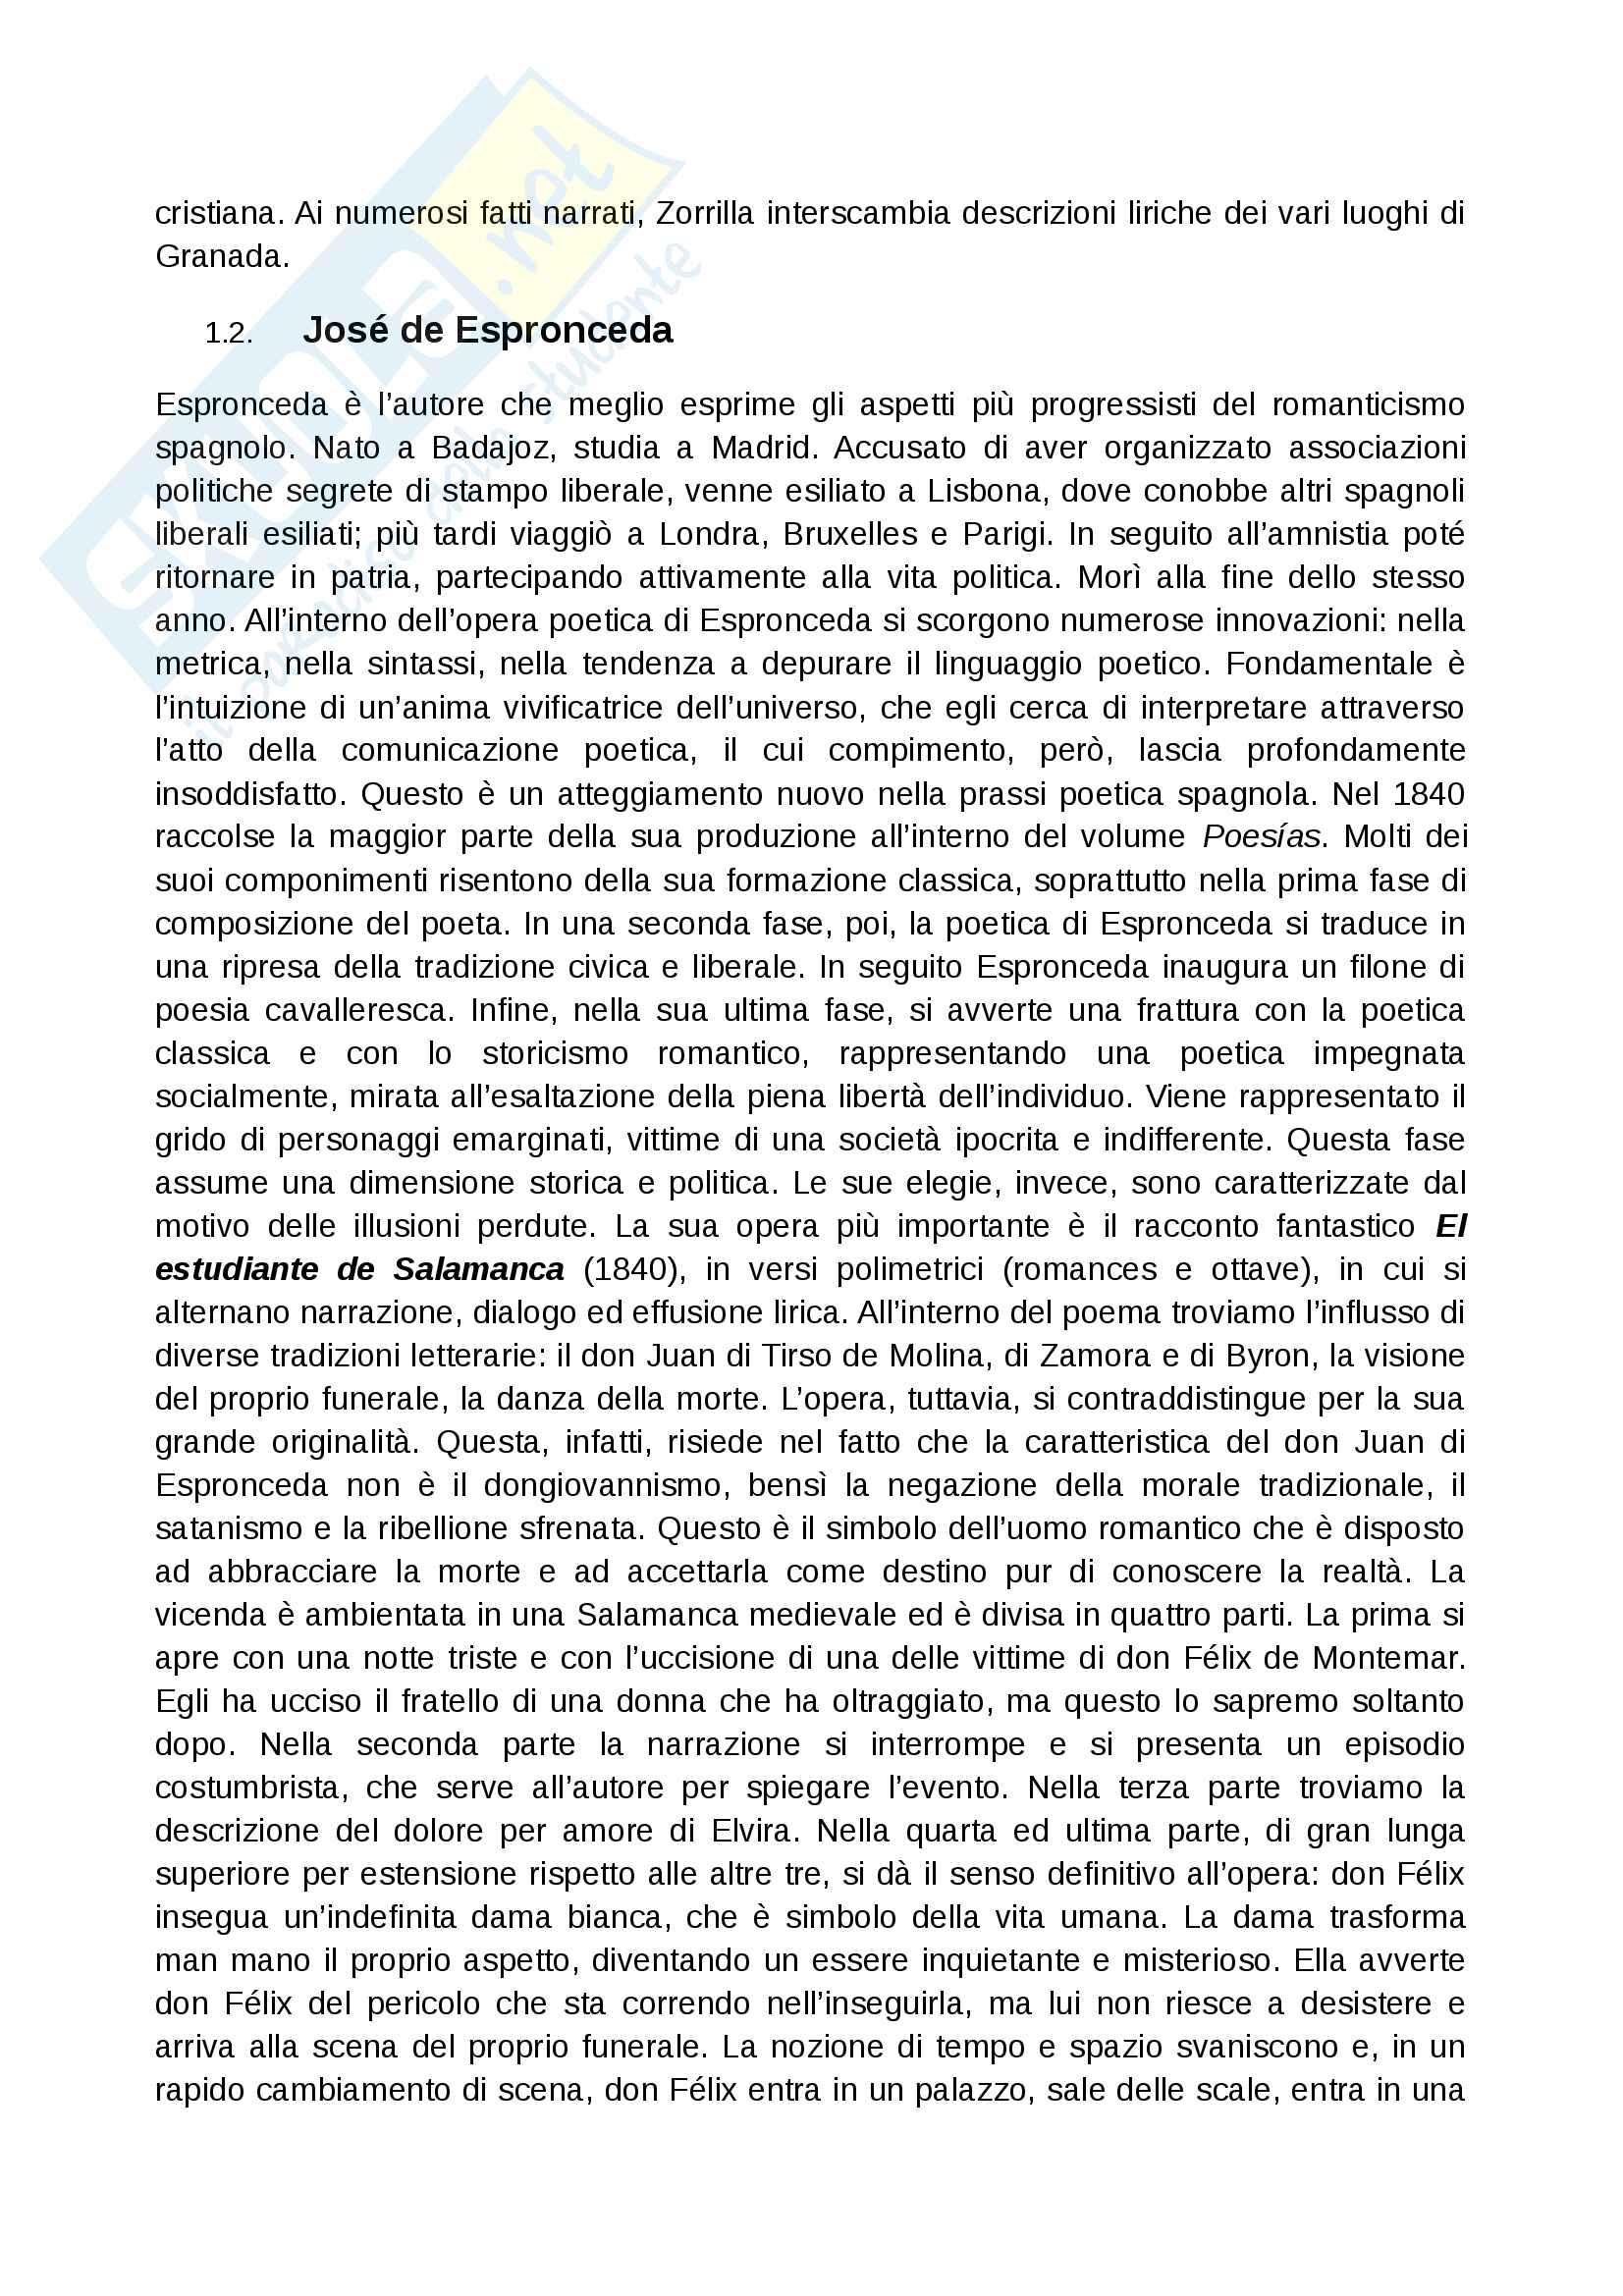 Contesto storico 800 spagnolo Pag. 6